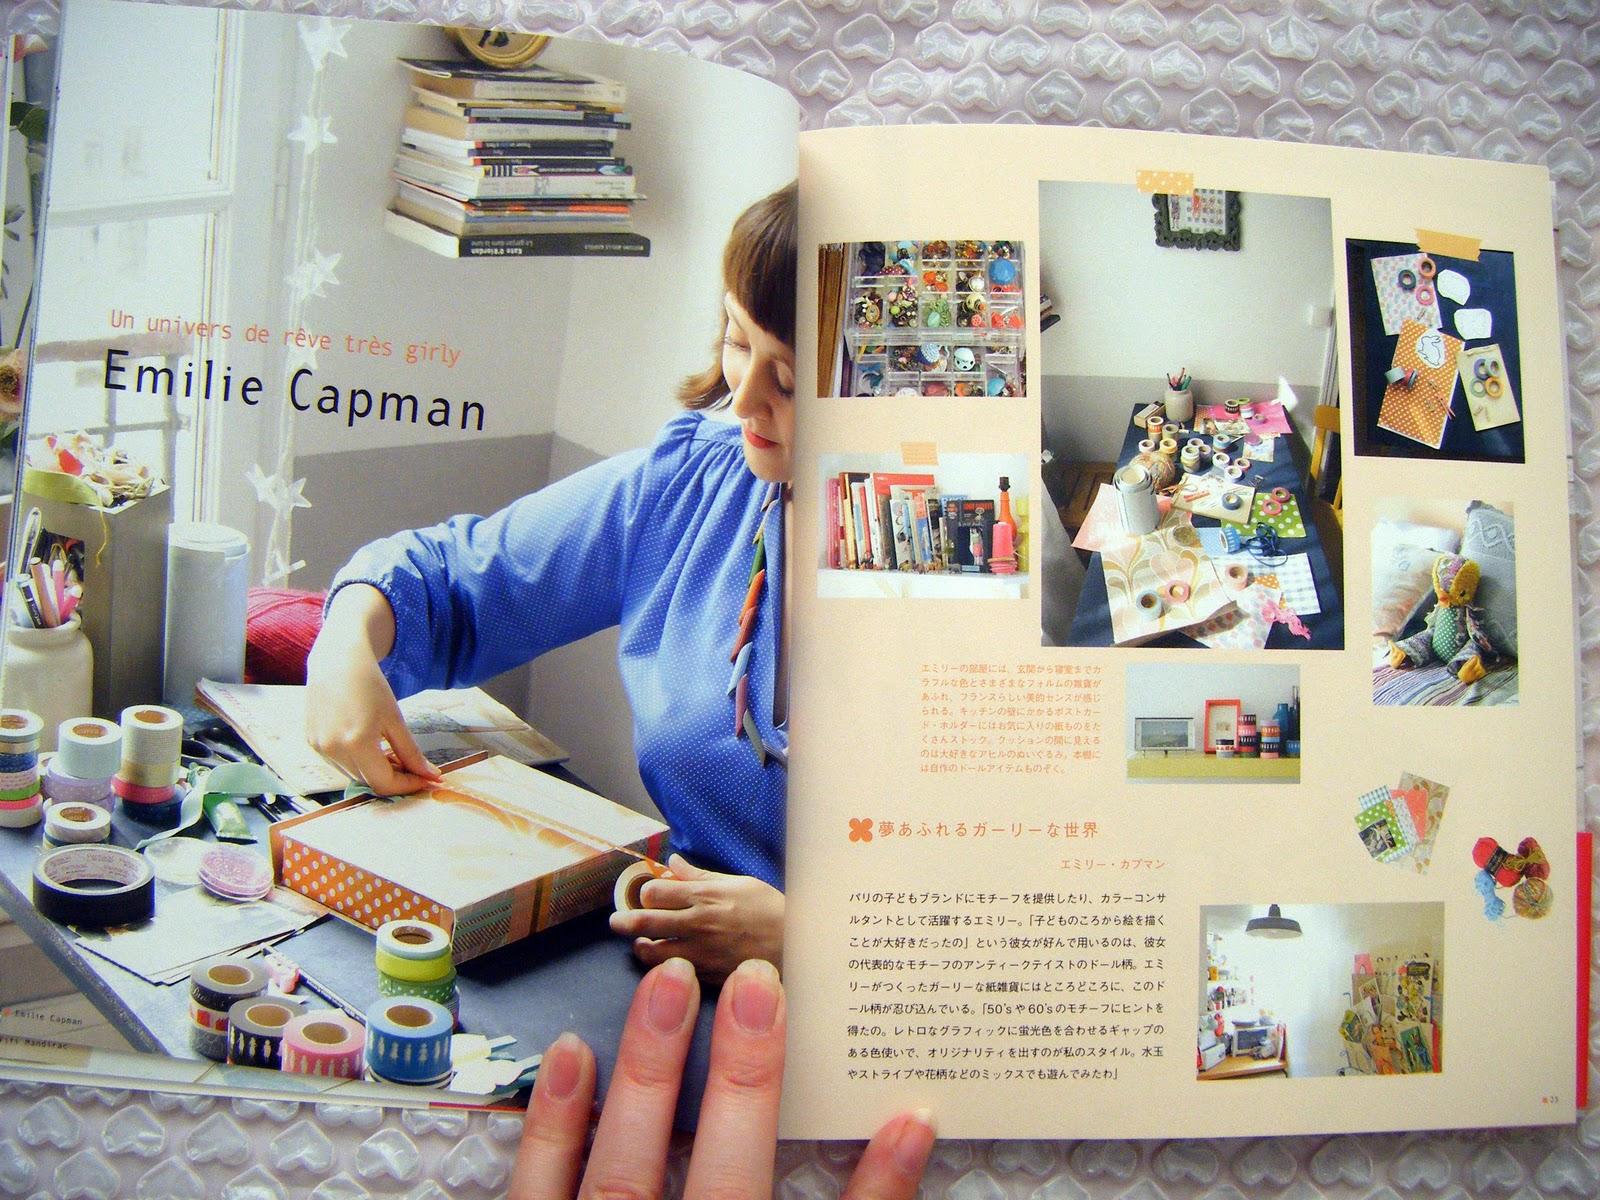 http://1.bp.blogspot.com/_cWxXUhajACM/TL-B4DsyG5I/AAAAAAAABlo/XWUVZaDOCEw/s1600/14parisienneemiliecapman.jpg